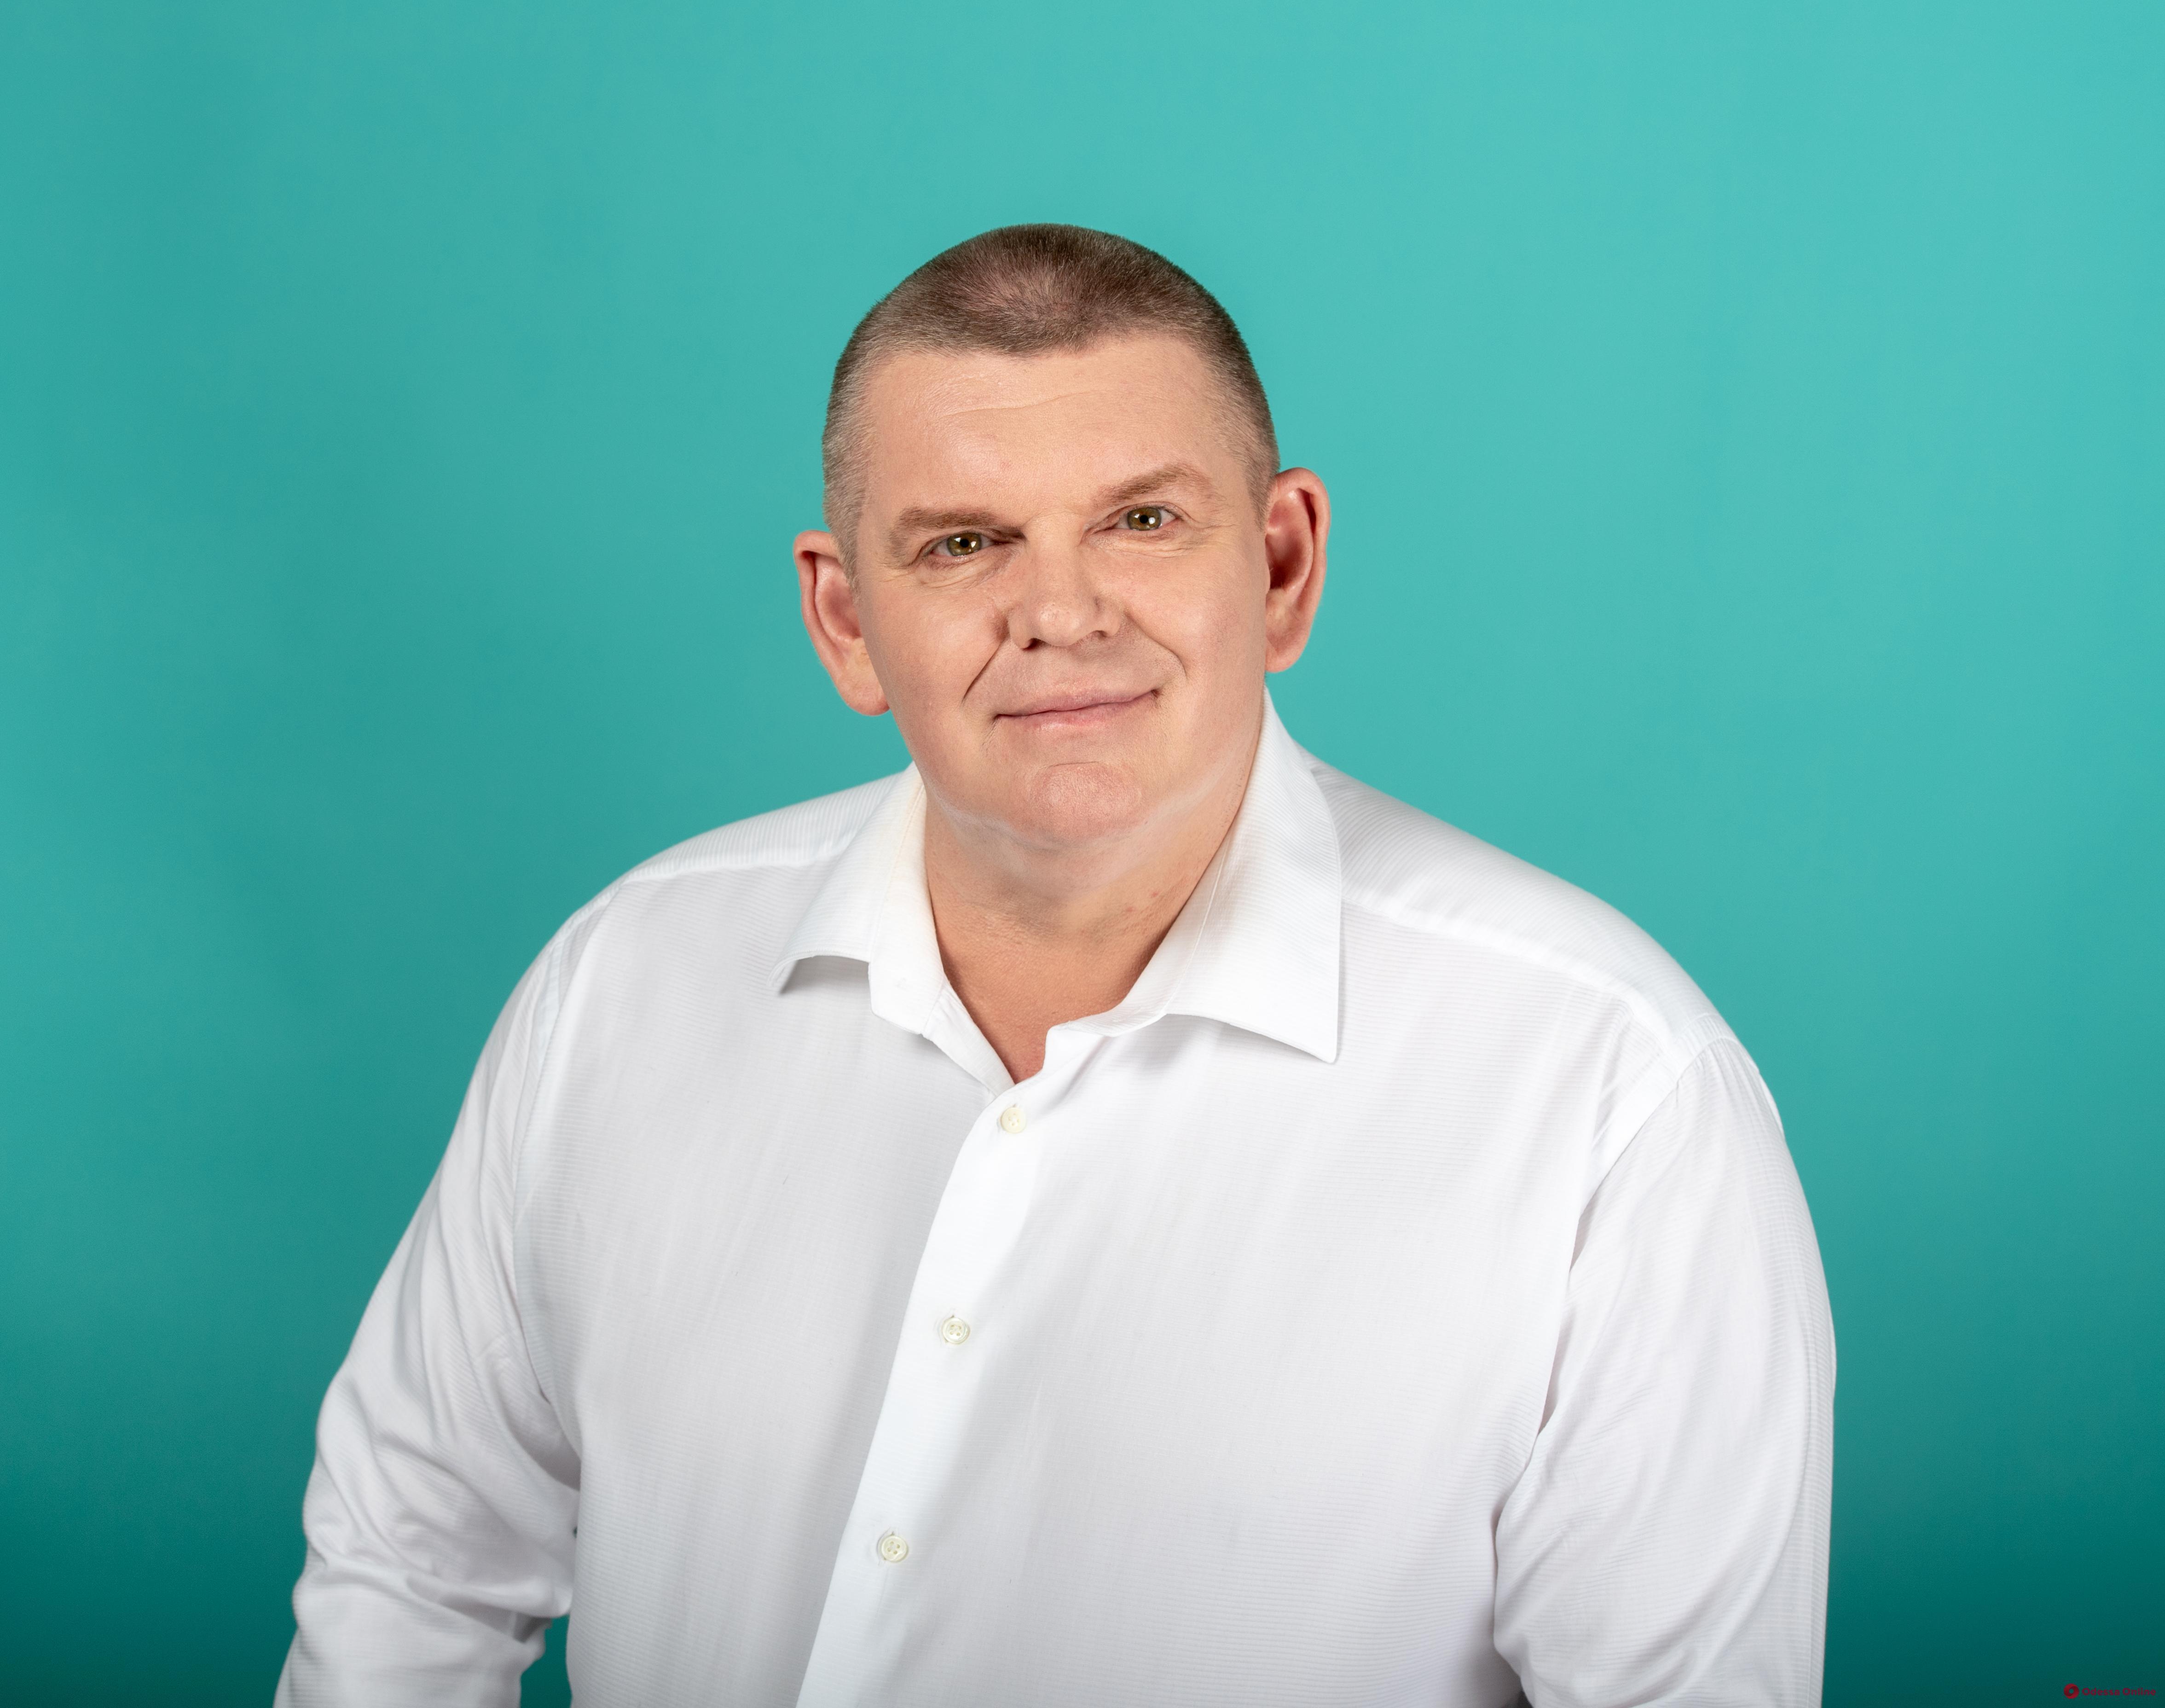 Олег Лукьянчук рассказал о работе одесского онкодиспансера во время карантина, пользе скрининга и своем видении медреформы